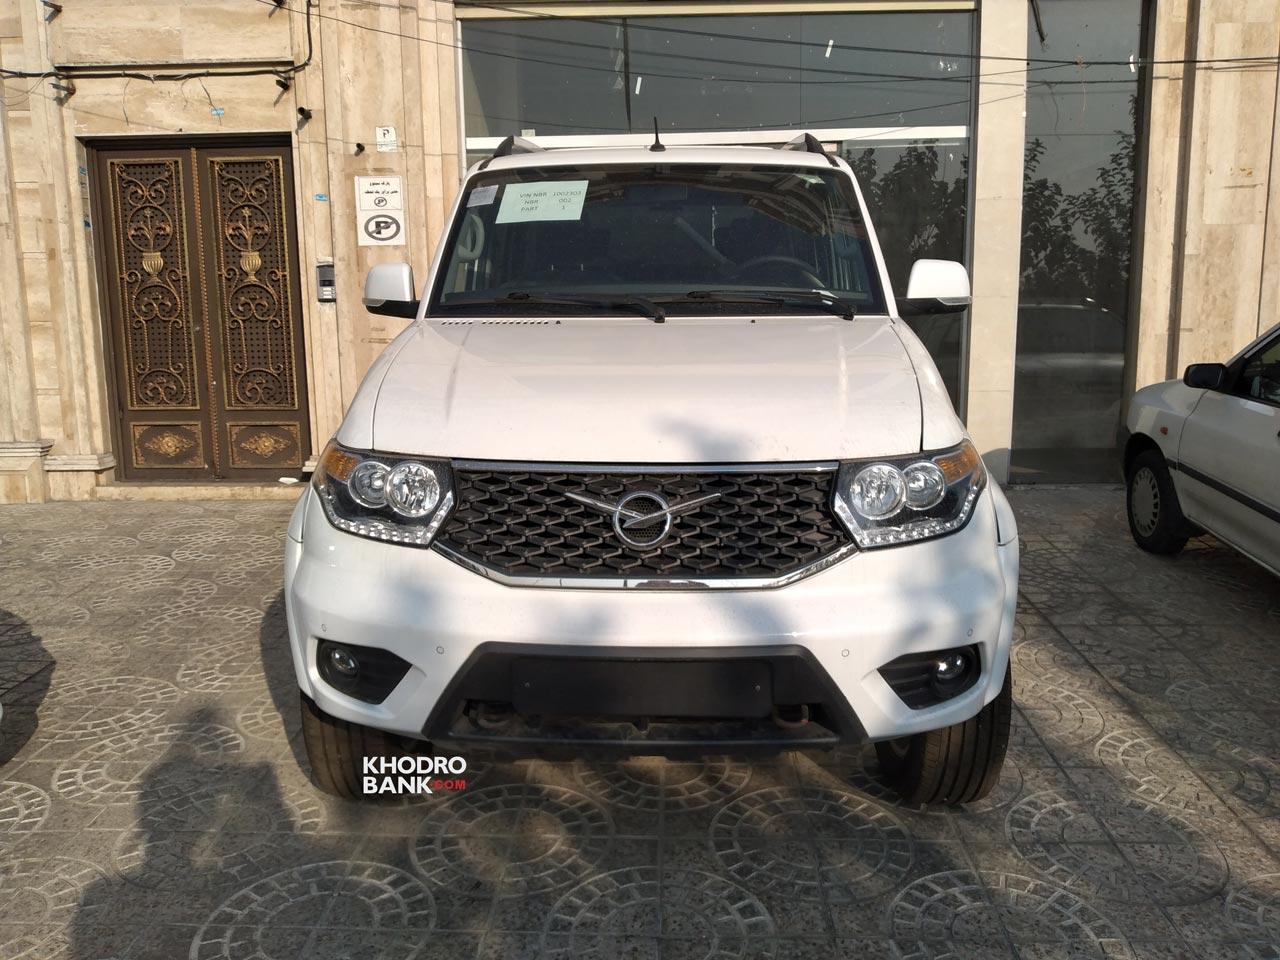 تصاویر خودروی روسی پاتریوت در ایران منتشر شد